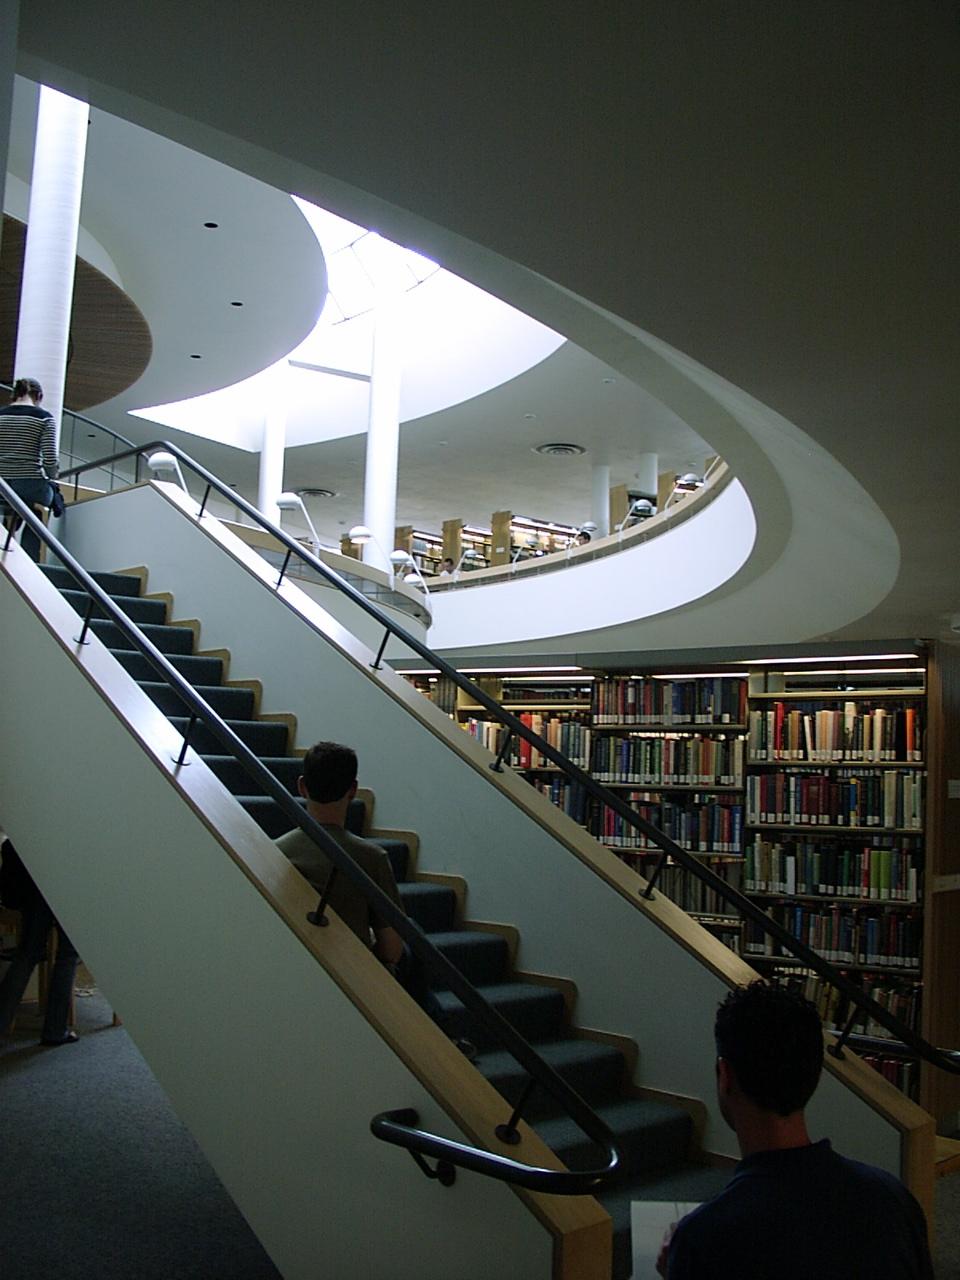 Biblioteca_de_la_Abad%C3%ADa_Benedictina_de_Mount_Angel.5.jpg